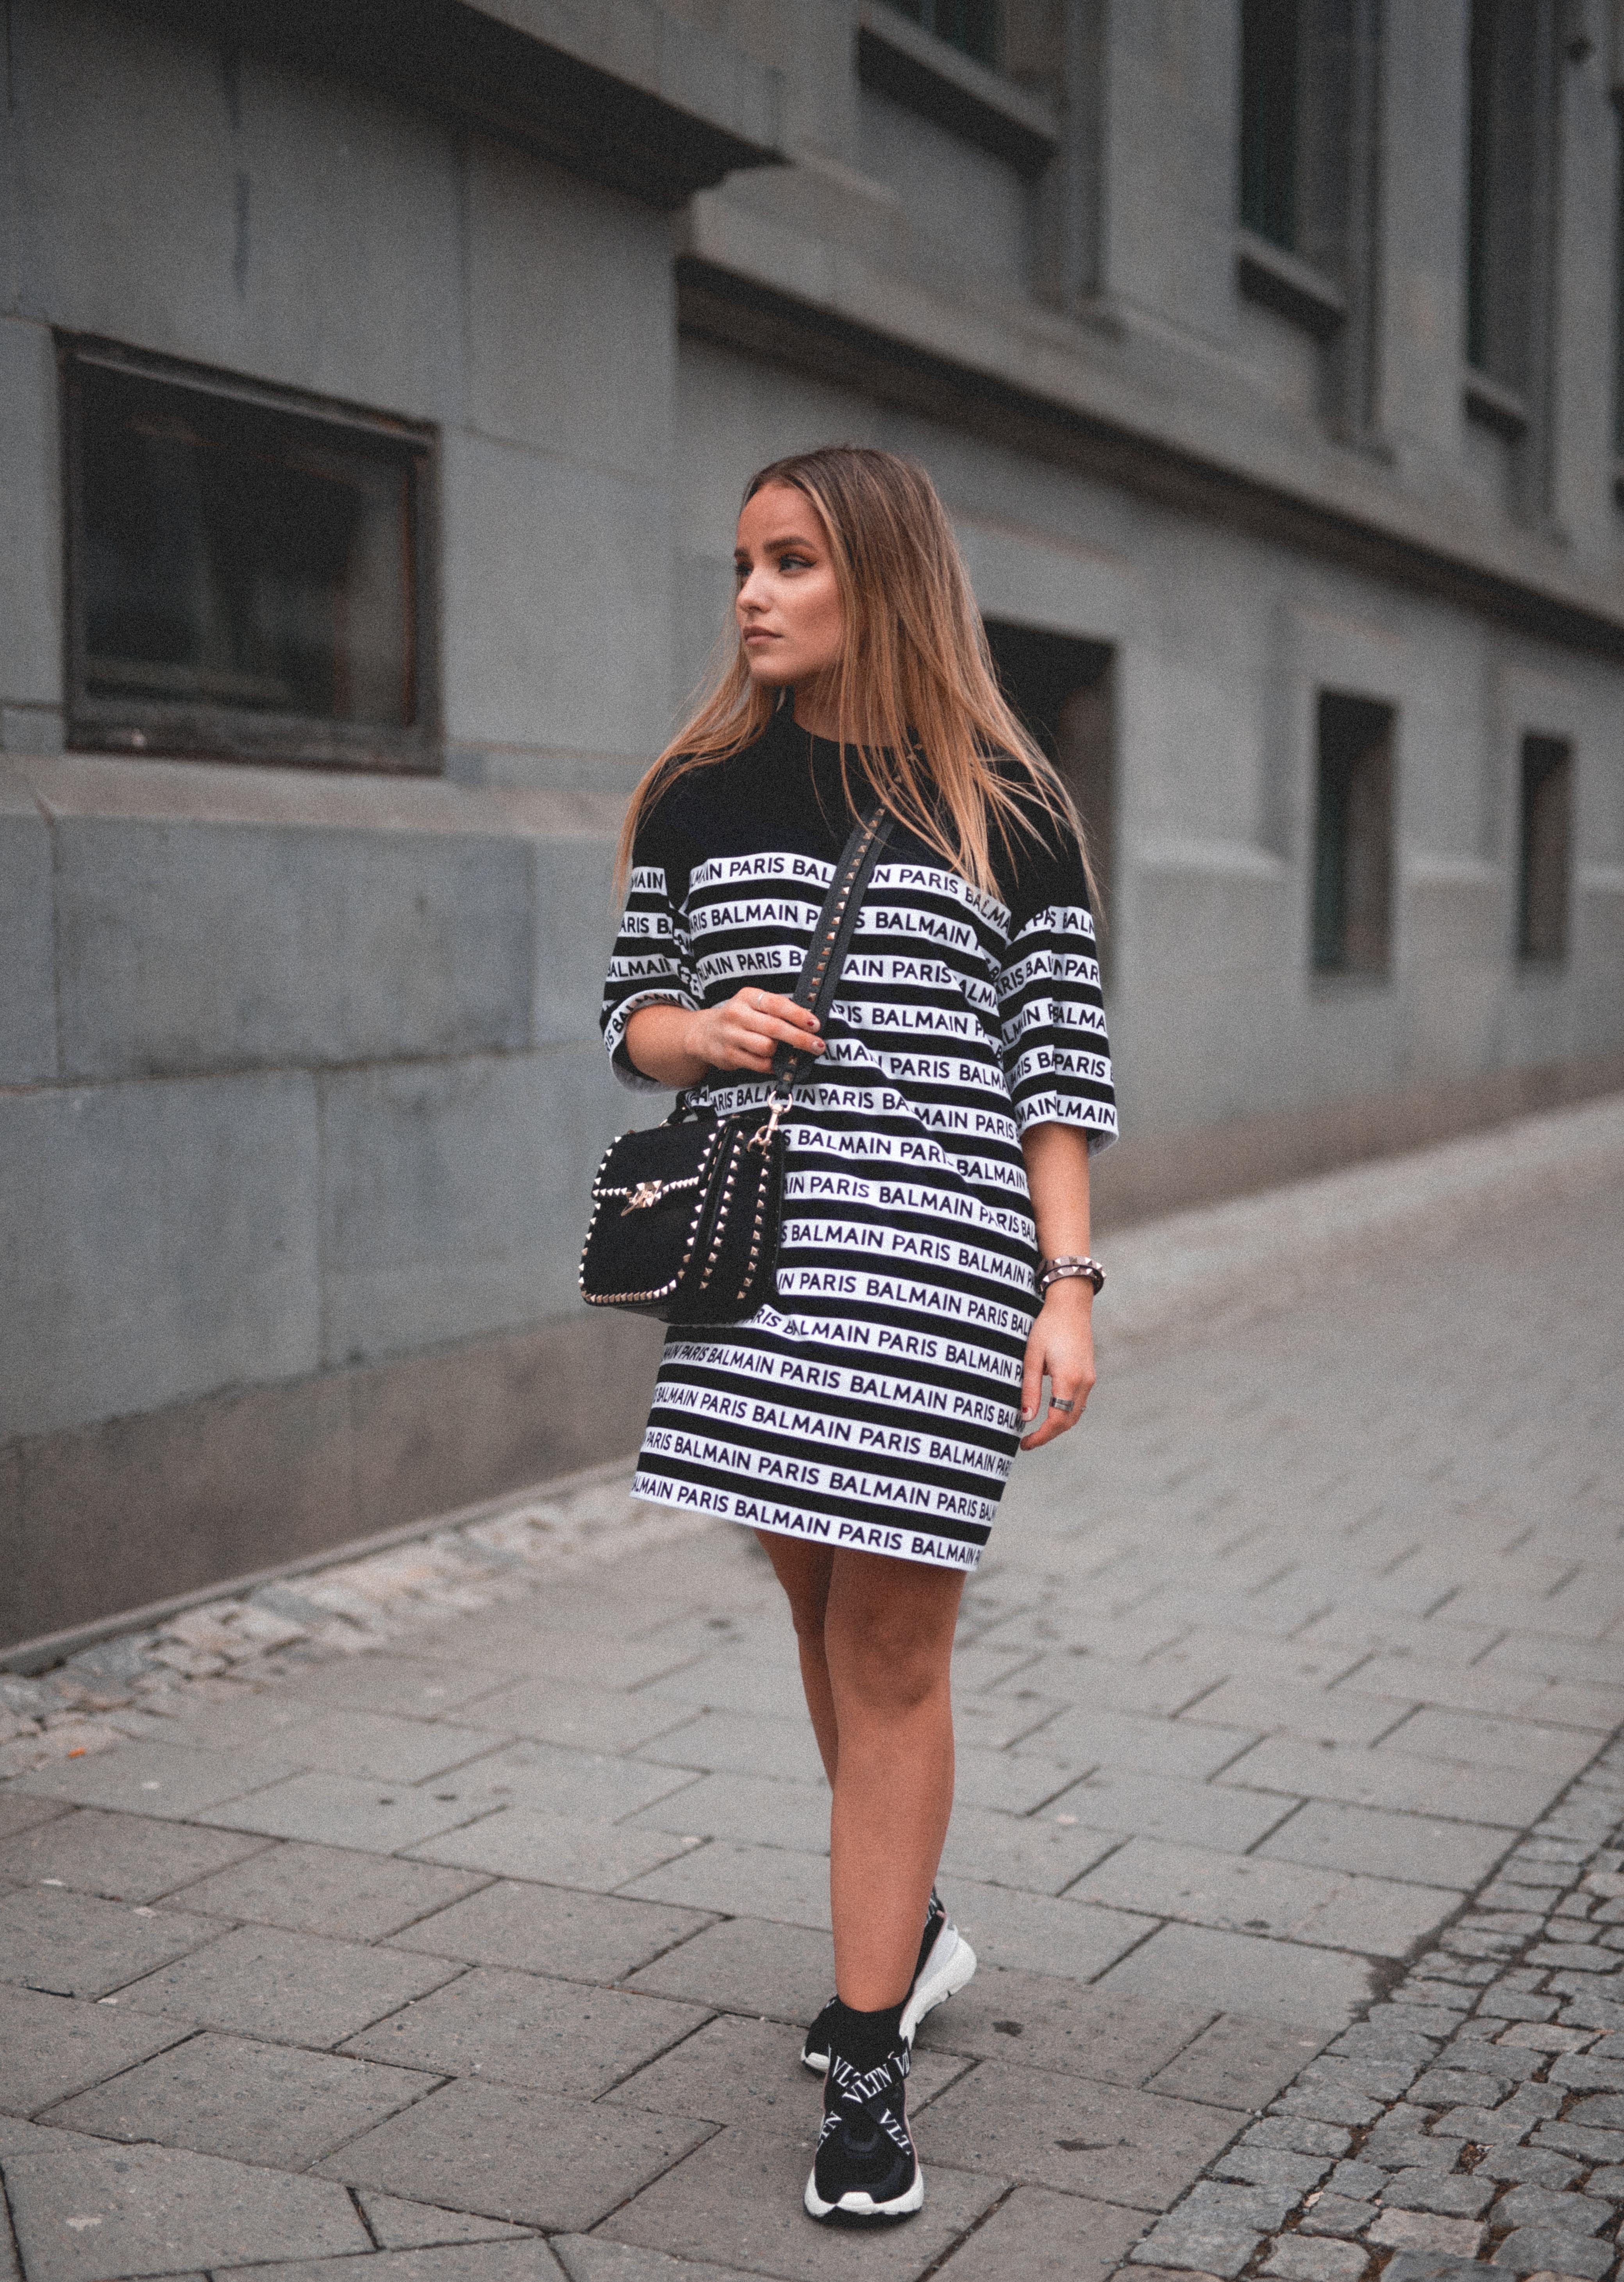 1dbe19a2 ... kjole fra det franske motehuset. Denne kan du også style med  skinnbukser eller jeans for å variere! Den ble perfekt sammen med de  fresheste skoene fra ...